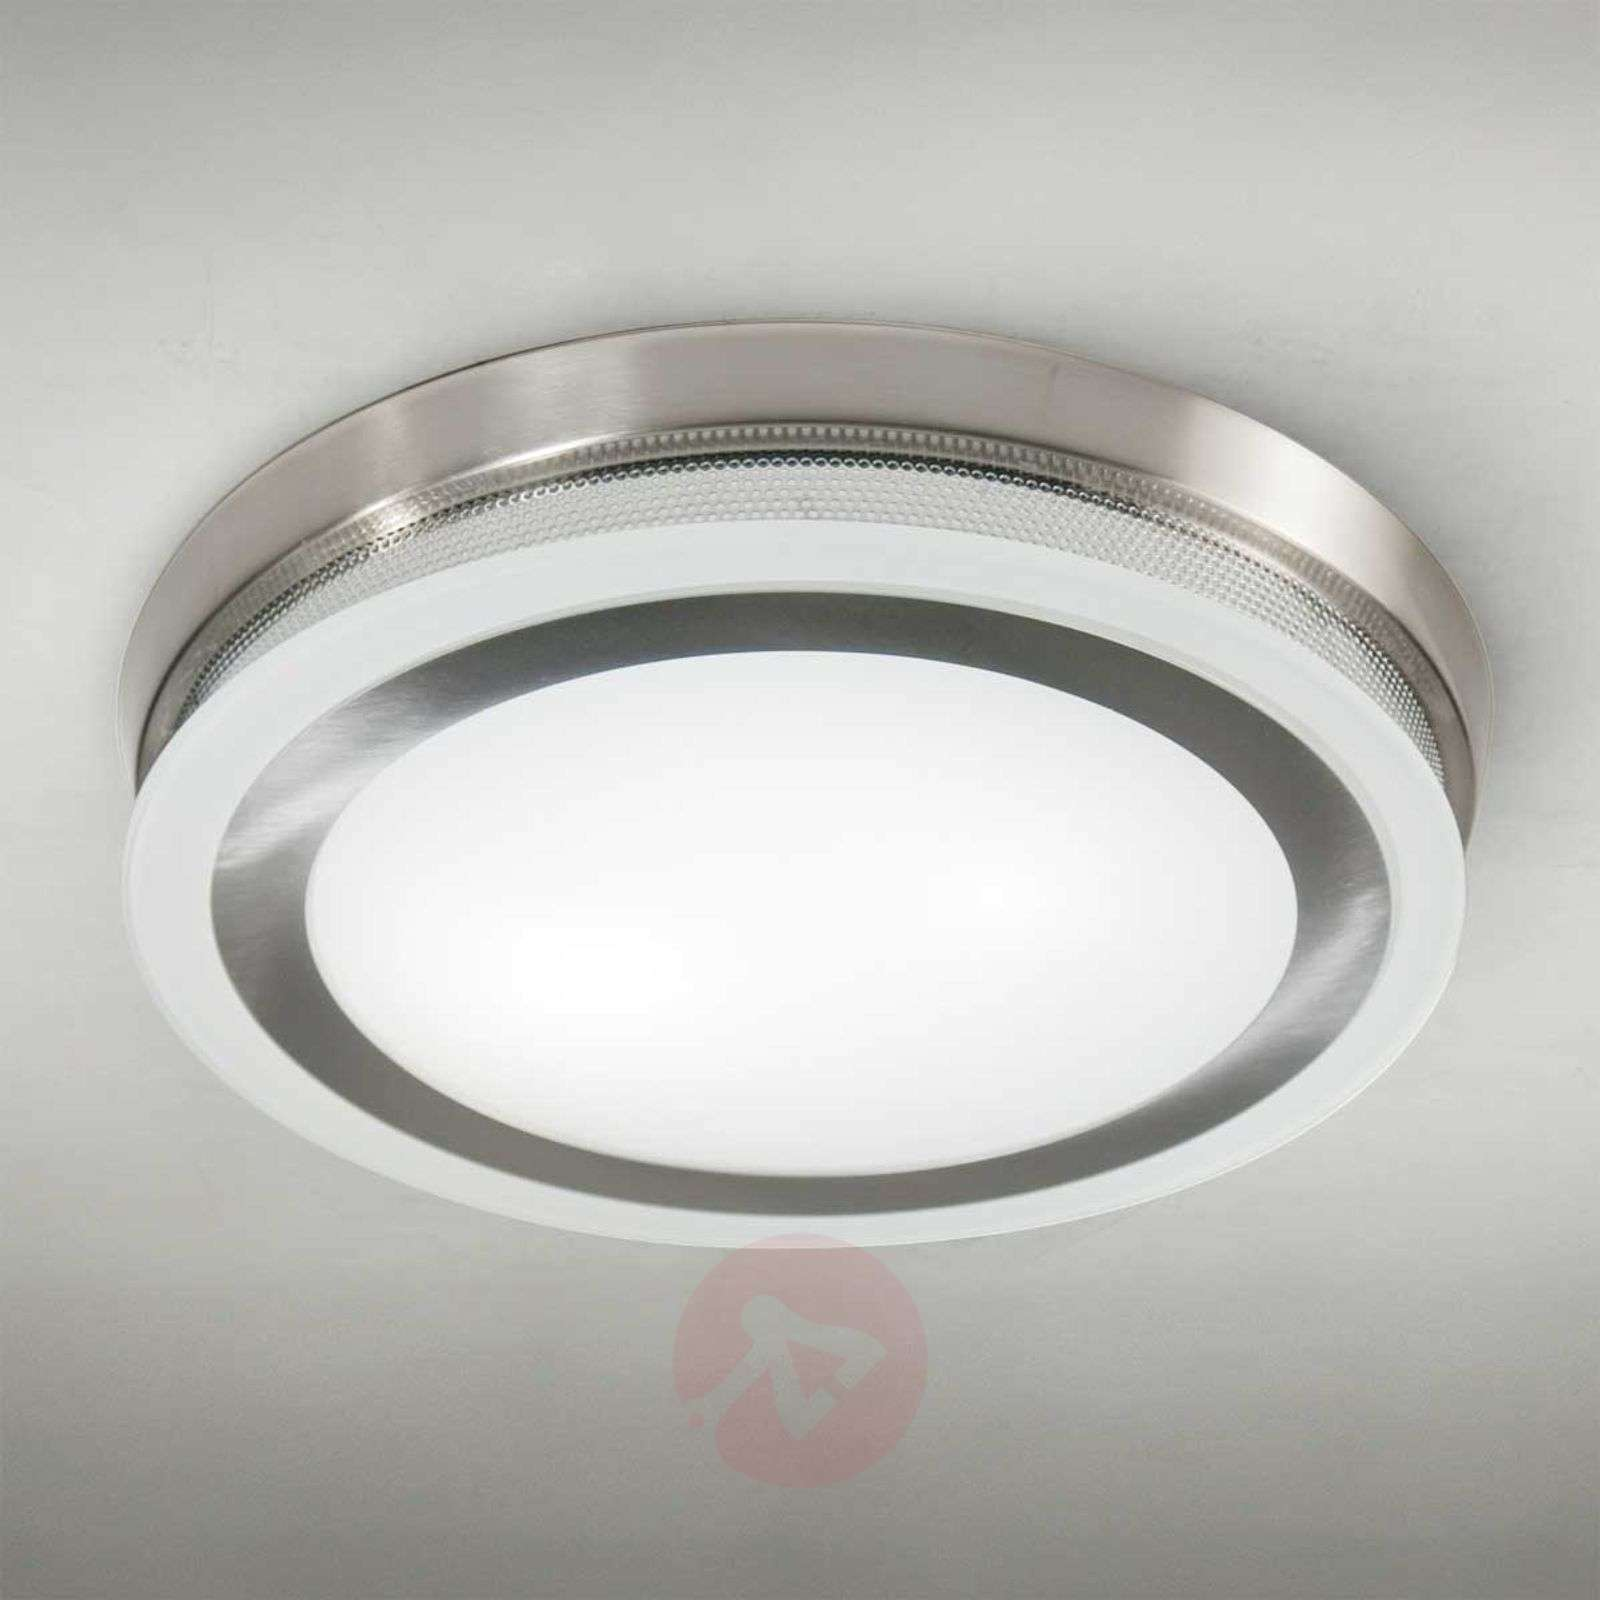 Pyöreä kattovalaisin Ring 9115-6059051X-01